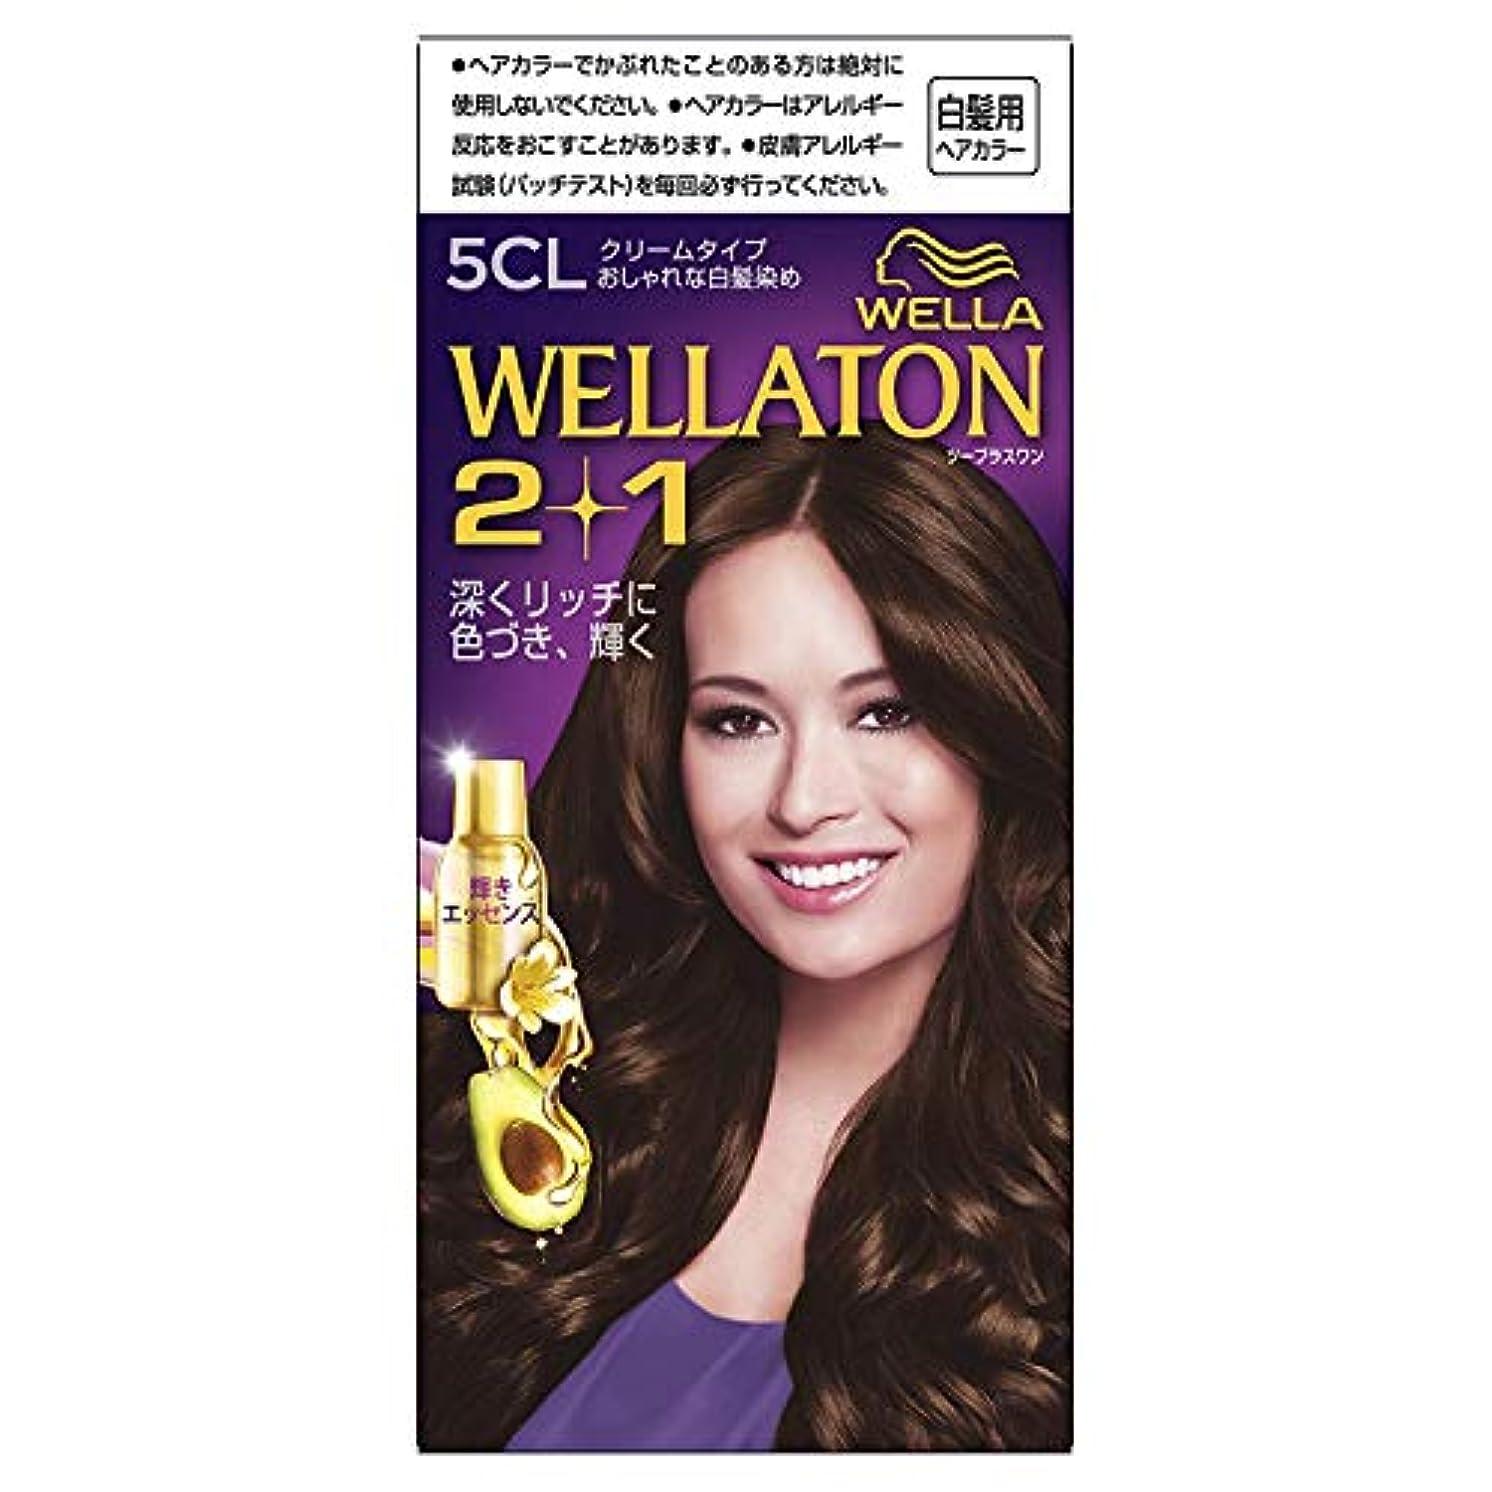 証明書ウォルターカニンガムかるウエラトーン2+1 クリームタイプ 5CL [医薬部外品] ×6個